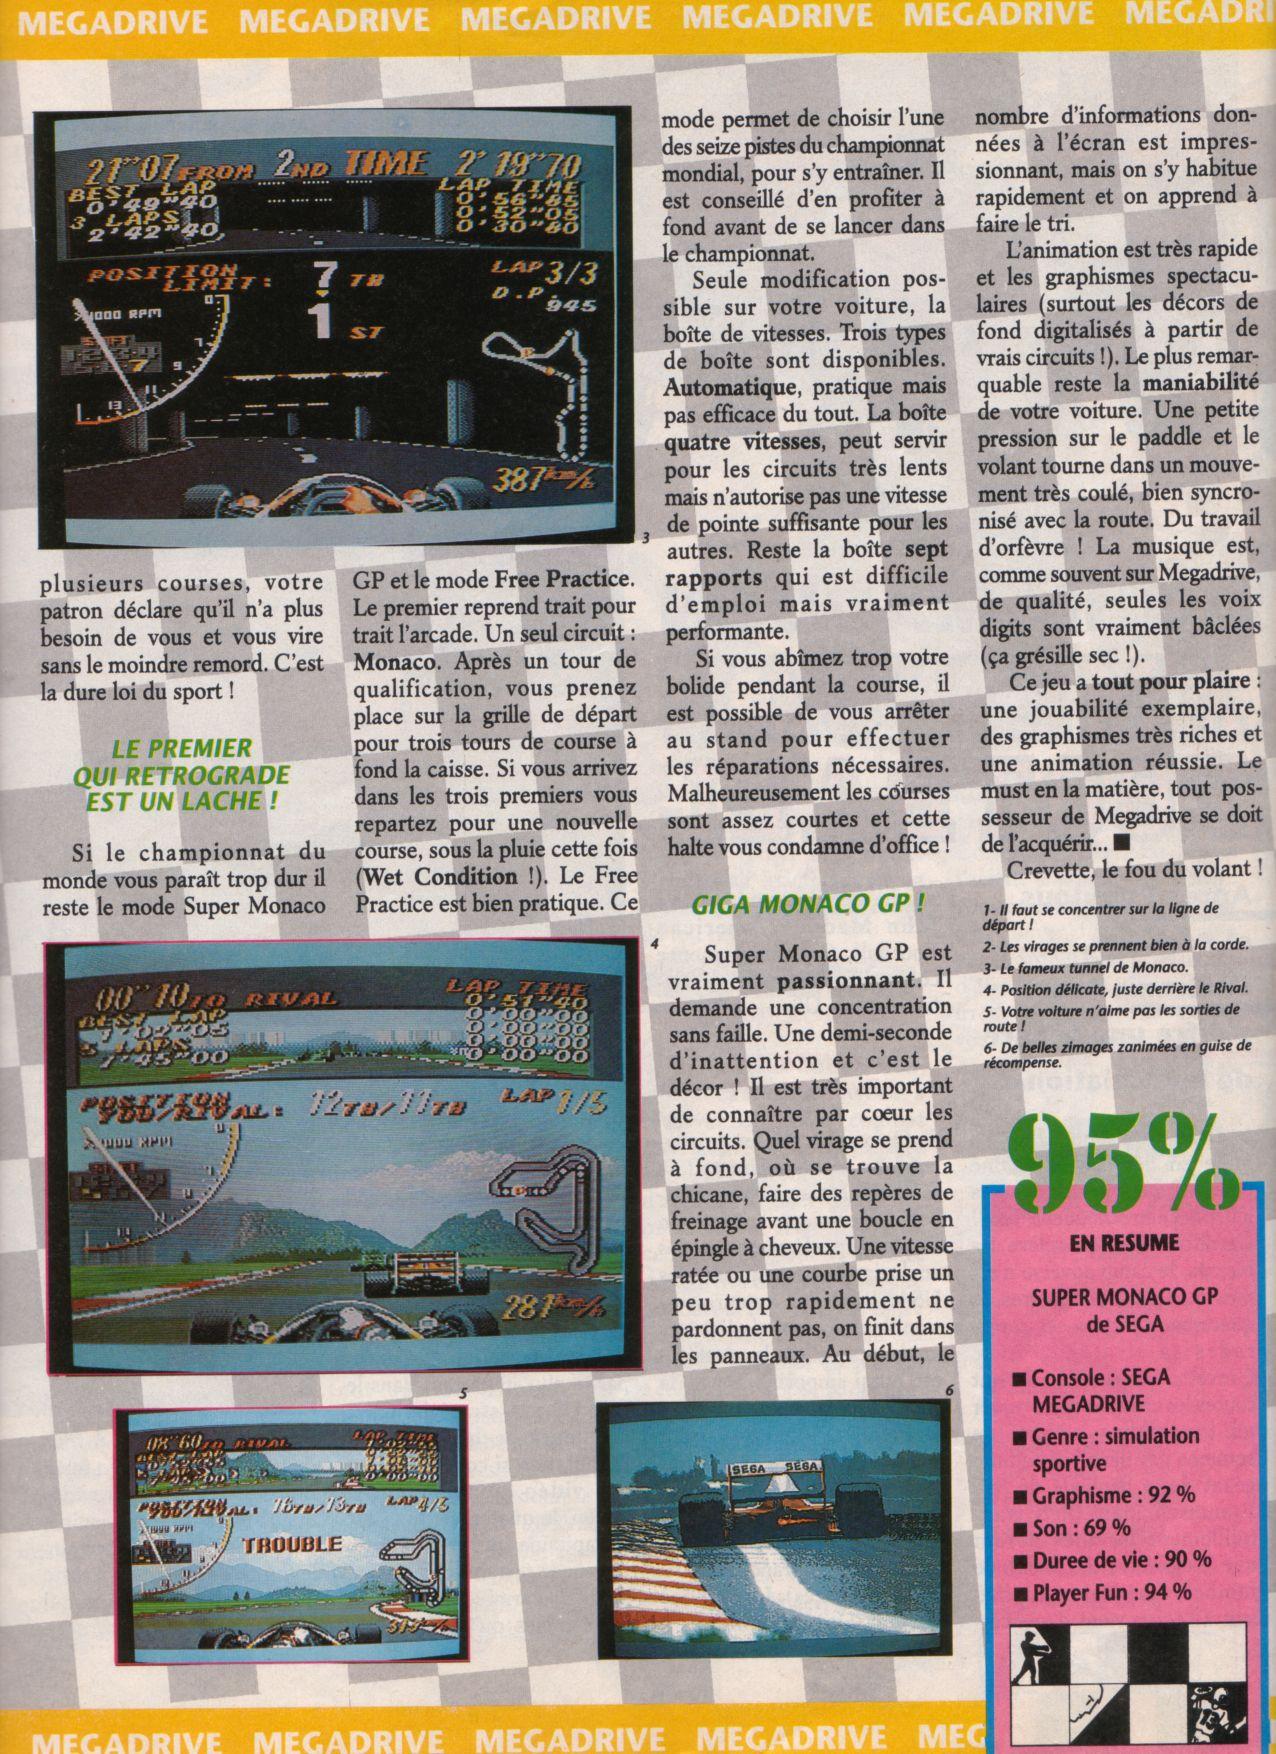 Le topic officiel de la Megadrive - Page 26 Player%20One%20005%20-%20Page%20031%20%281991-01%29